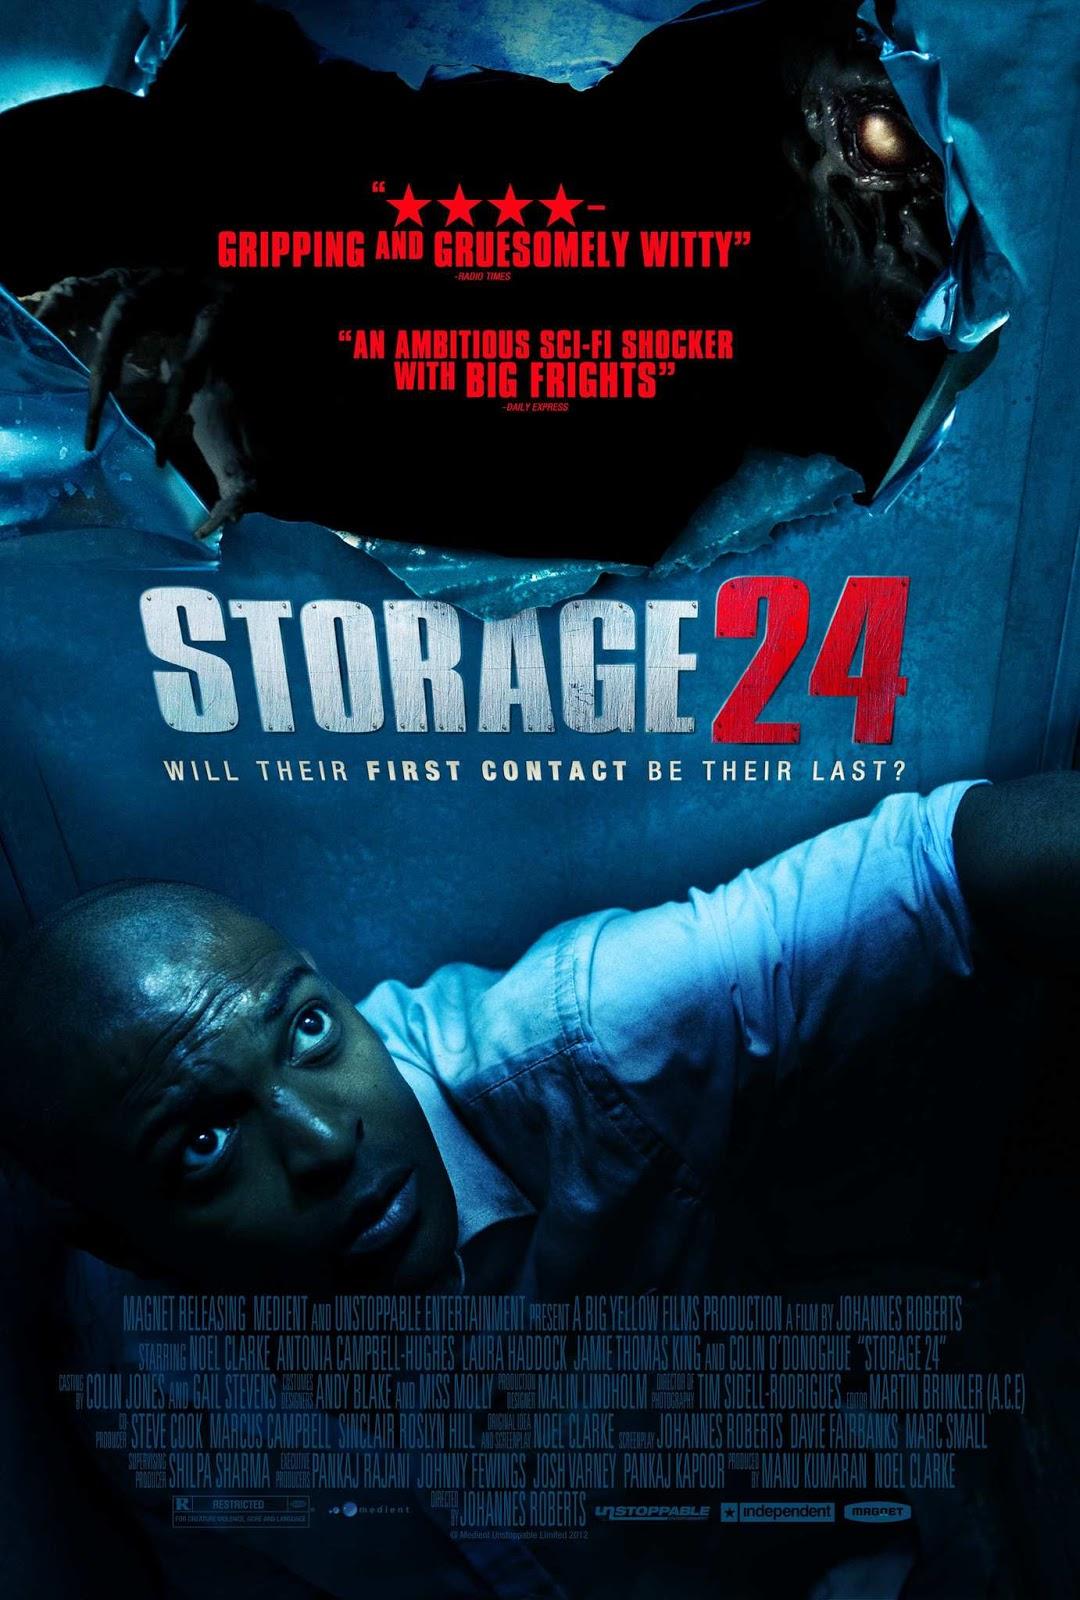 Storage 24 2012